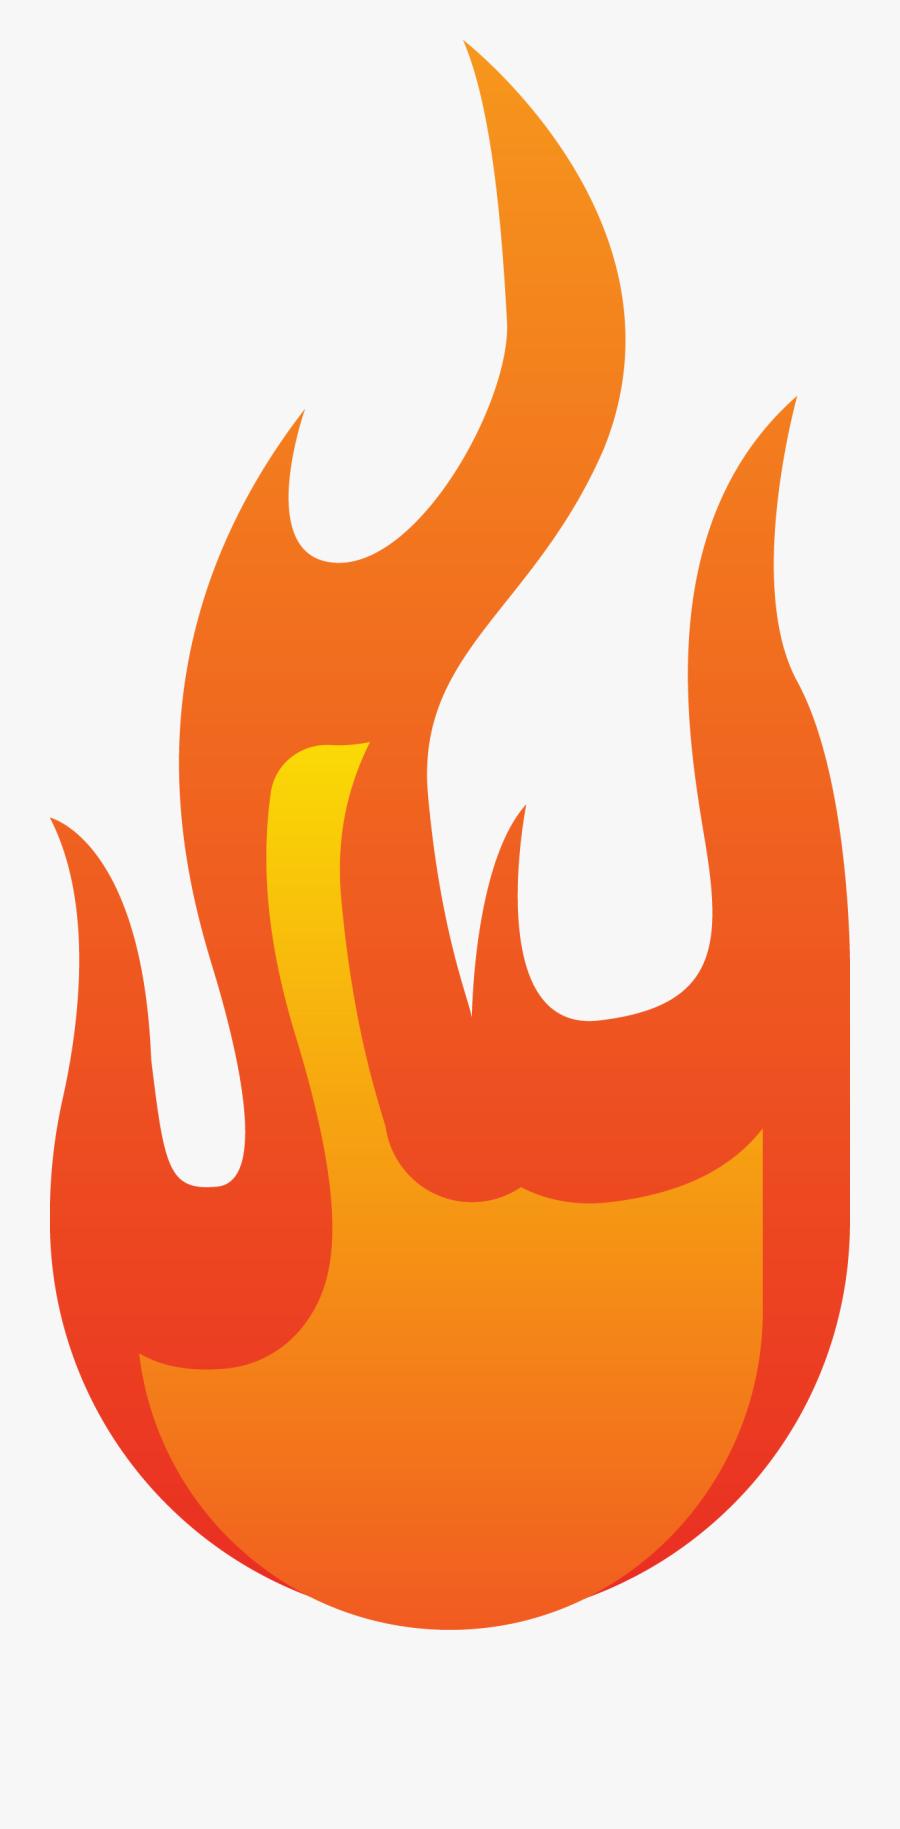 Transparent Fire Vector Png - Llama Combustion, Transparent Clipart